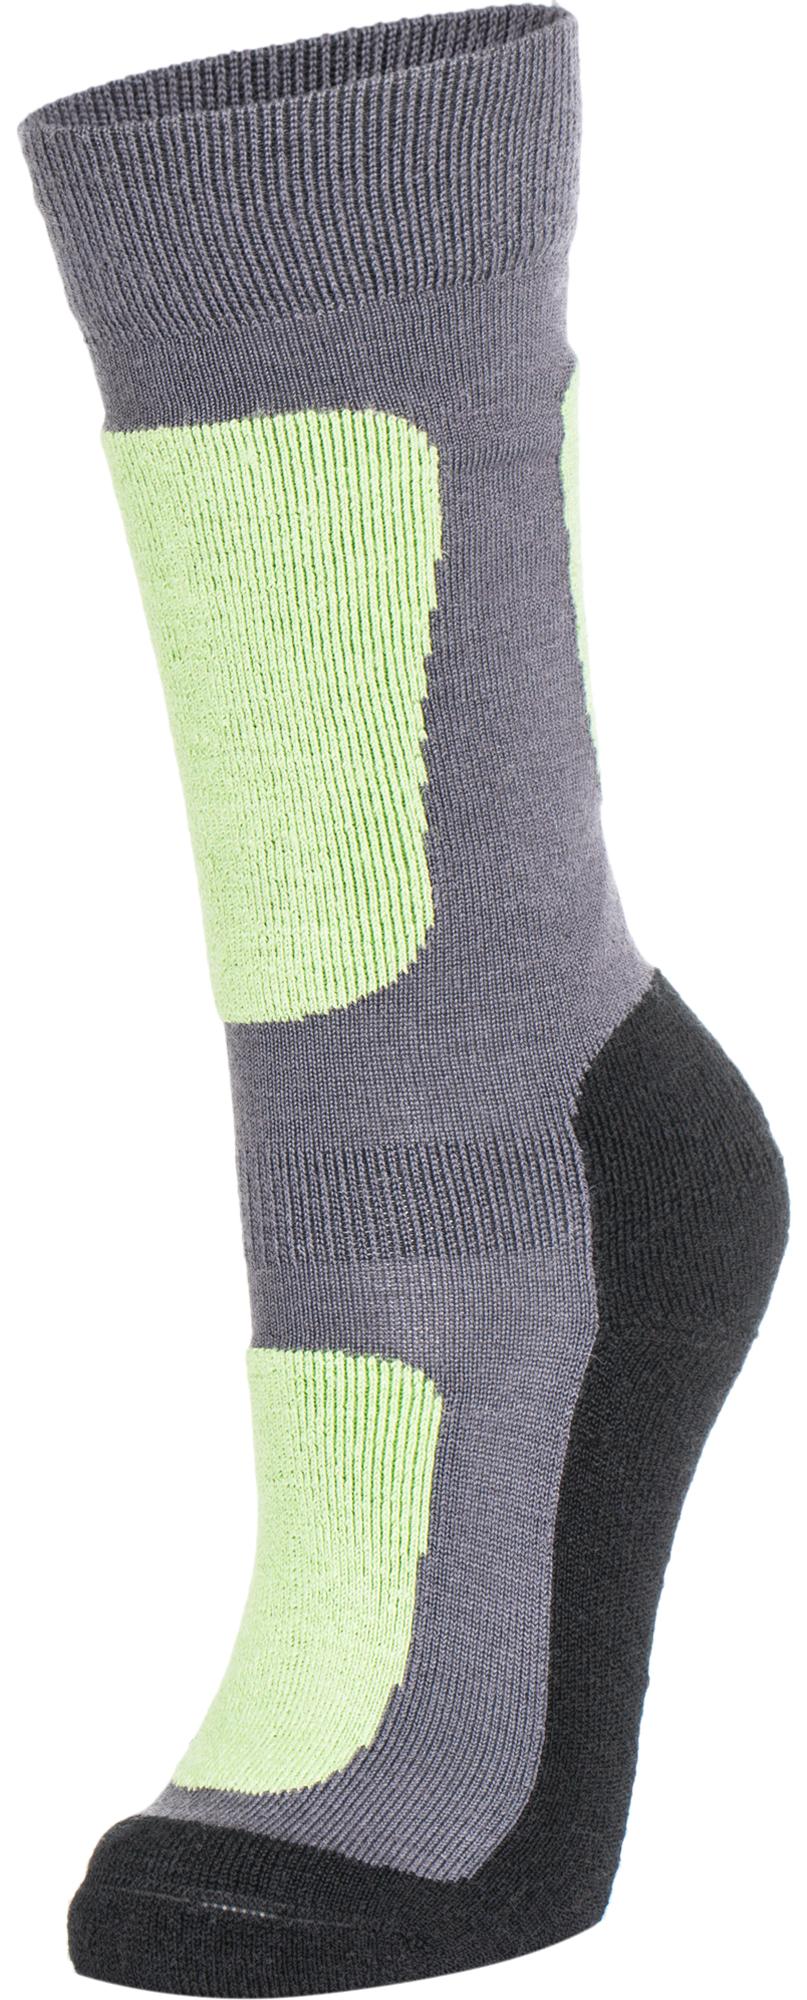 Носки для мальчиков Glissade со скидкой